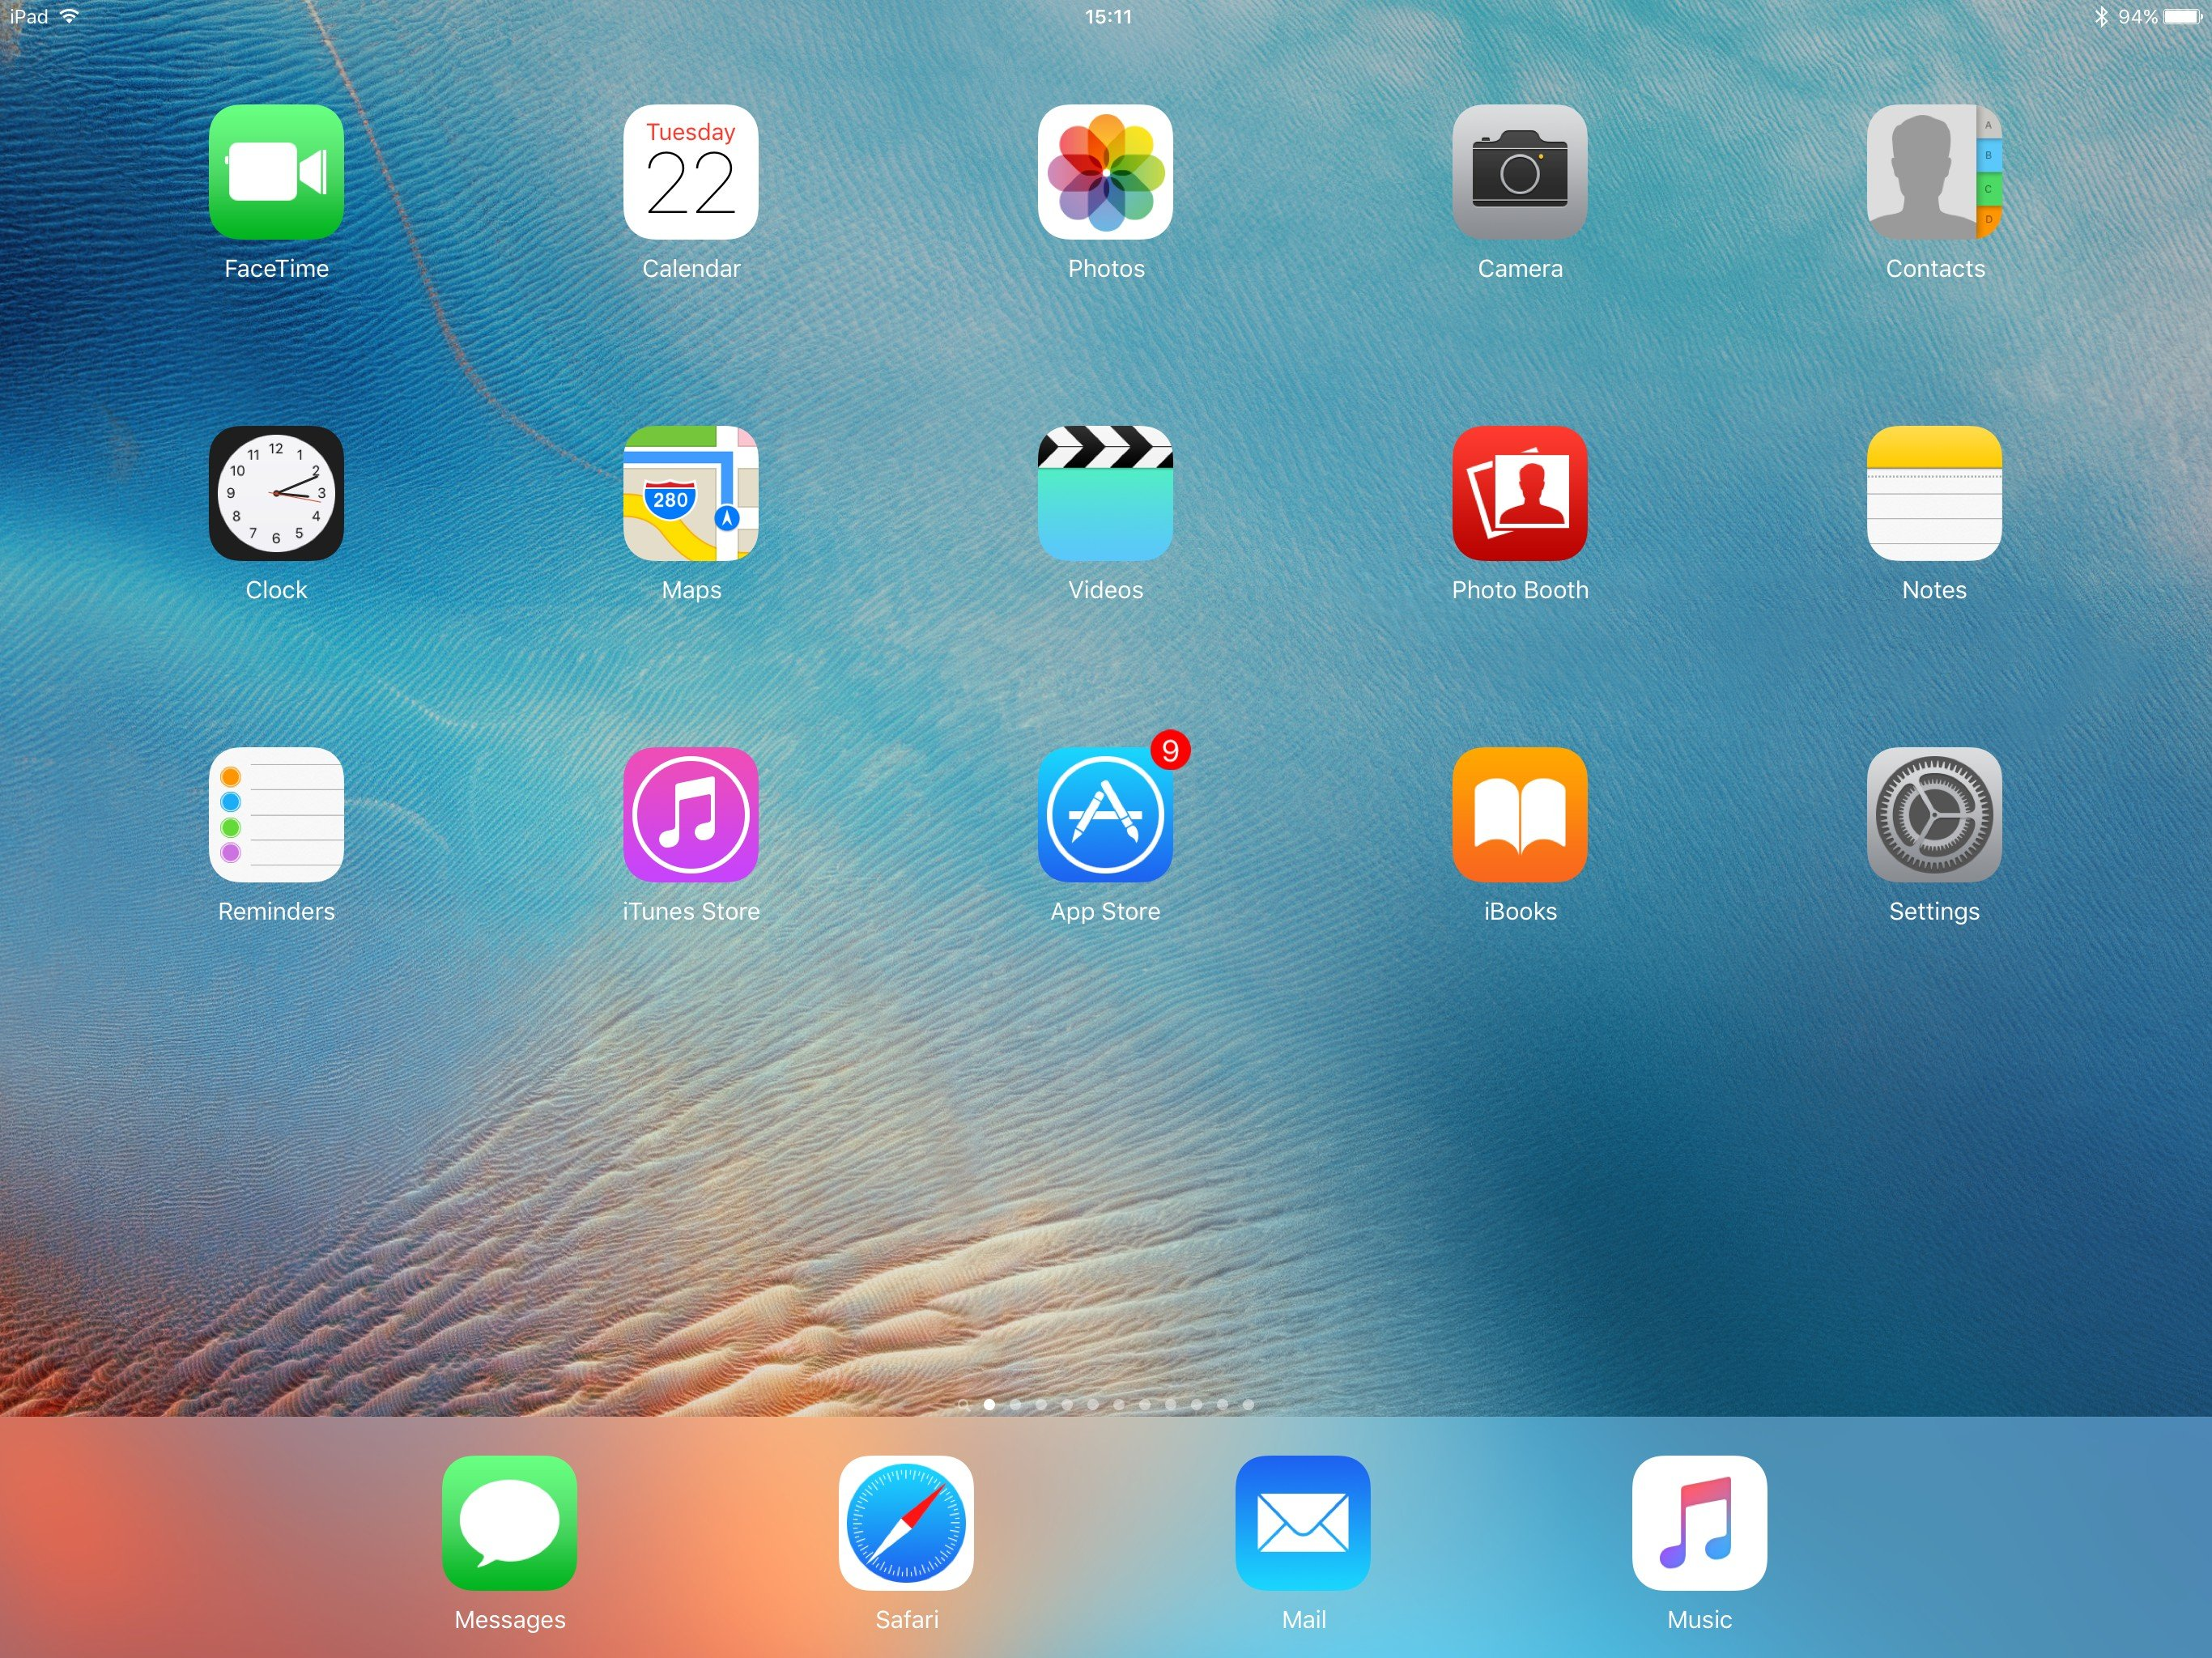 Nemrégiben frissítette iPhone vagy más iDevice eszközét az iOS legújabb verziójára?